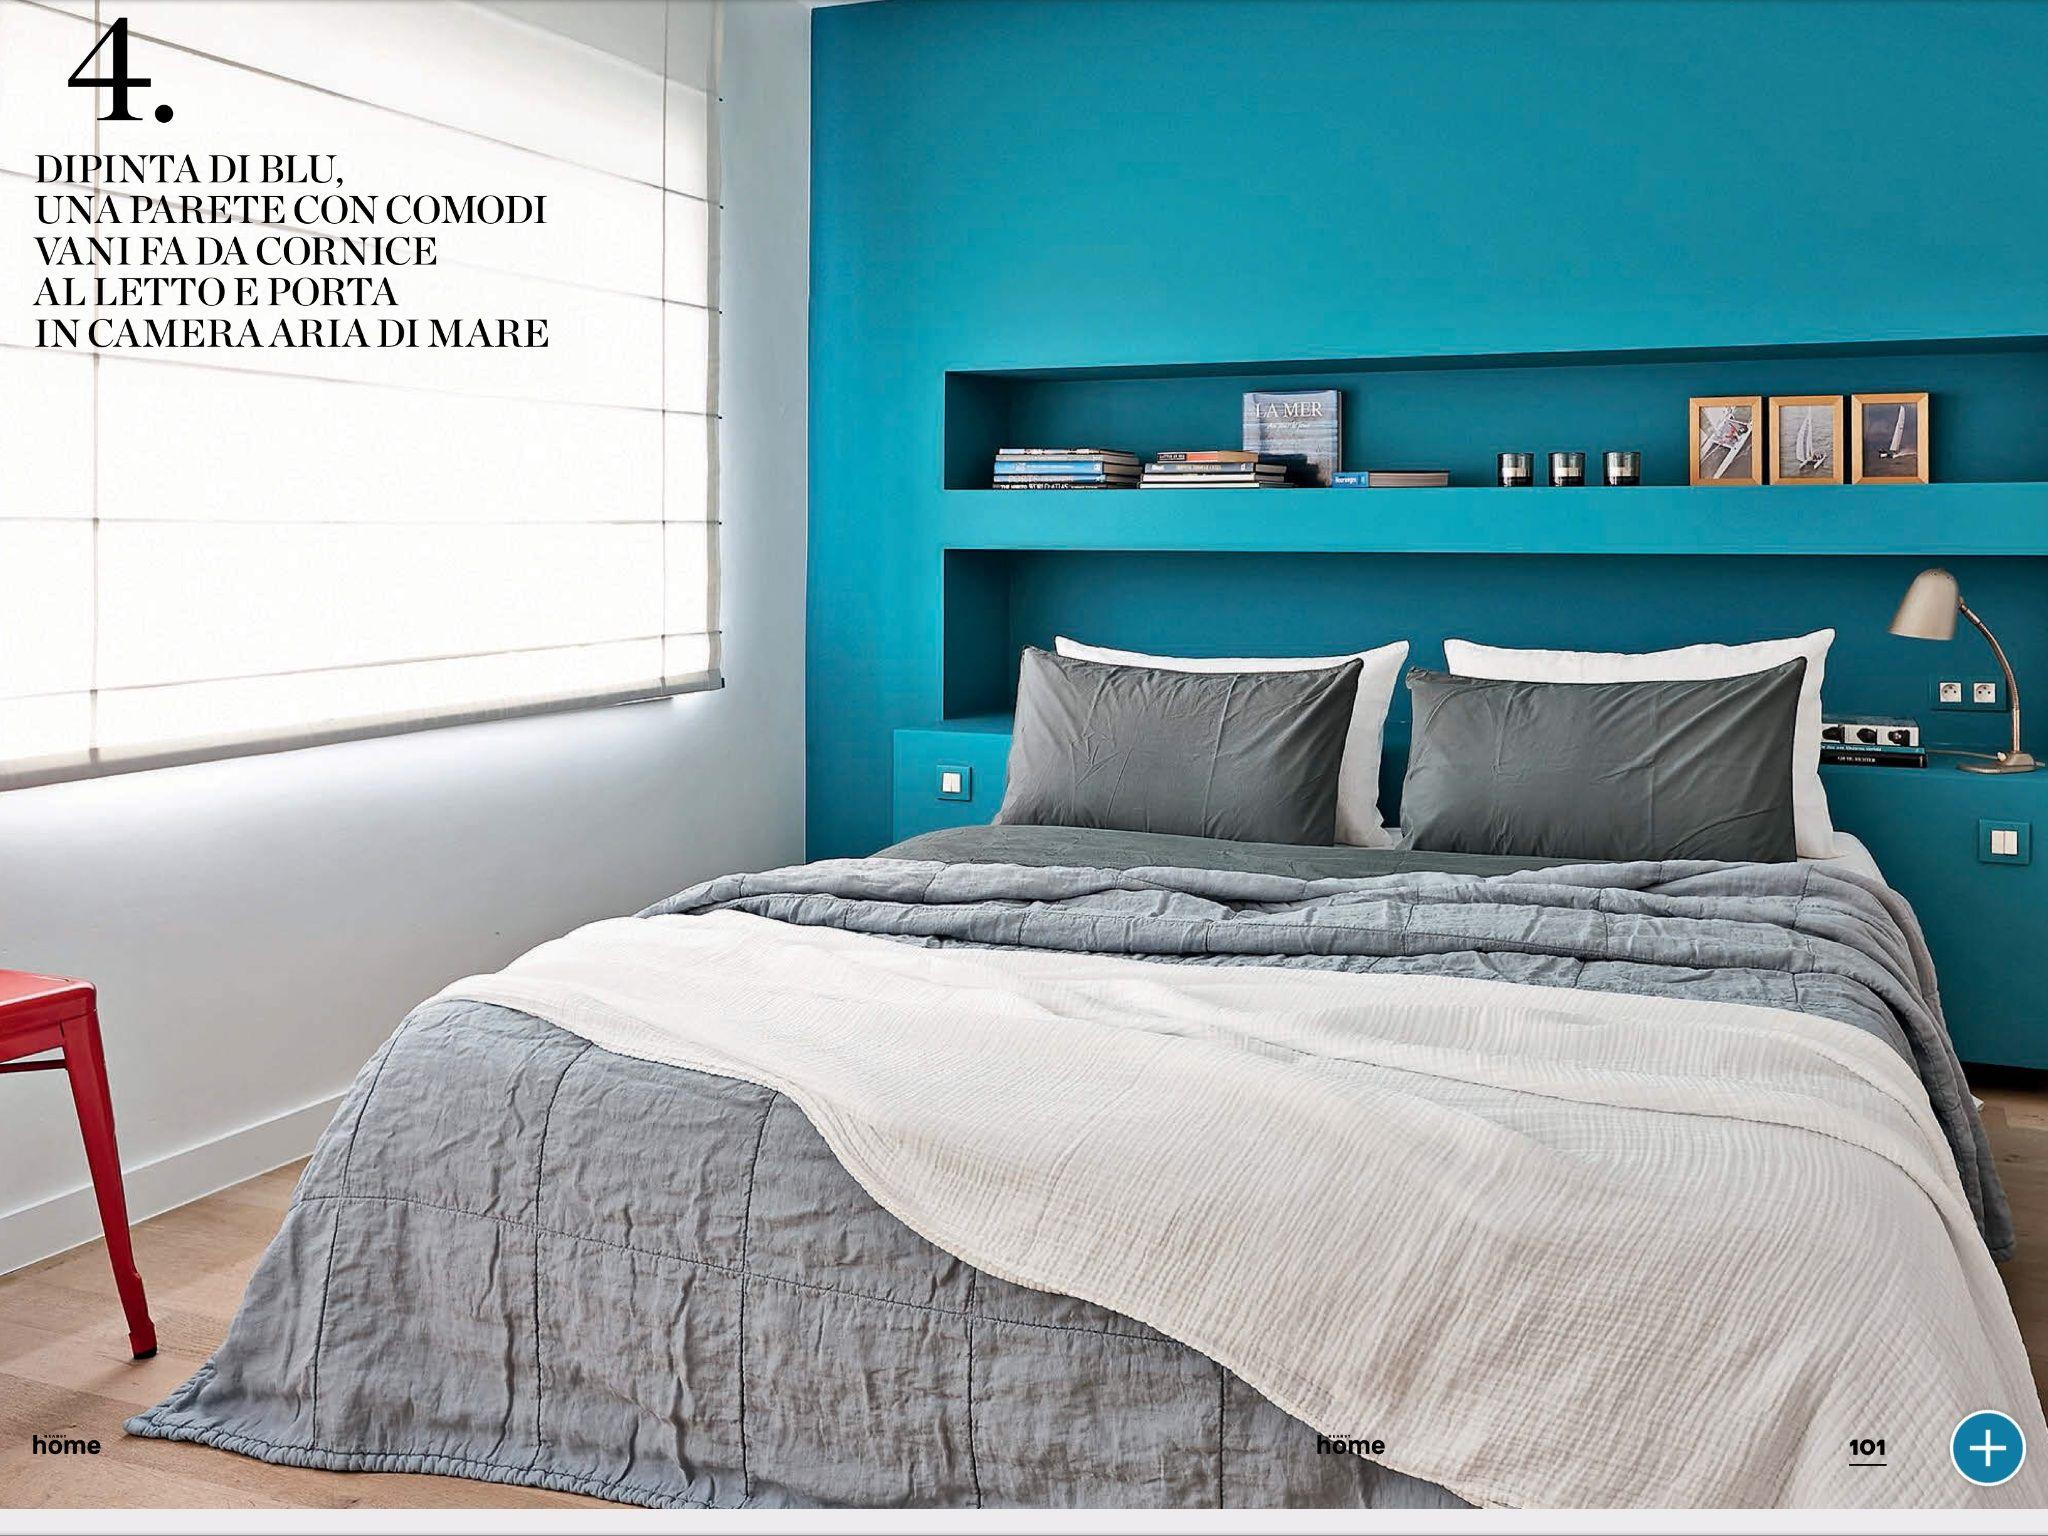 Camera Da Letto Parete Turchese : Home hearst parete turchese dietro al letto camera idea